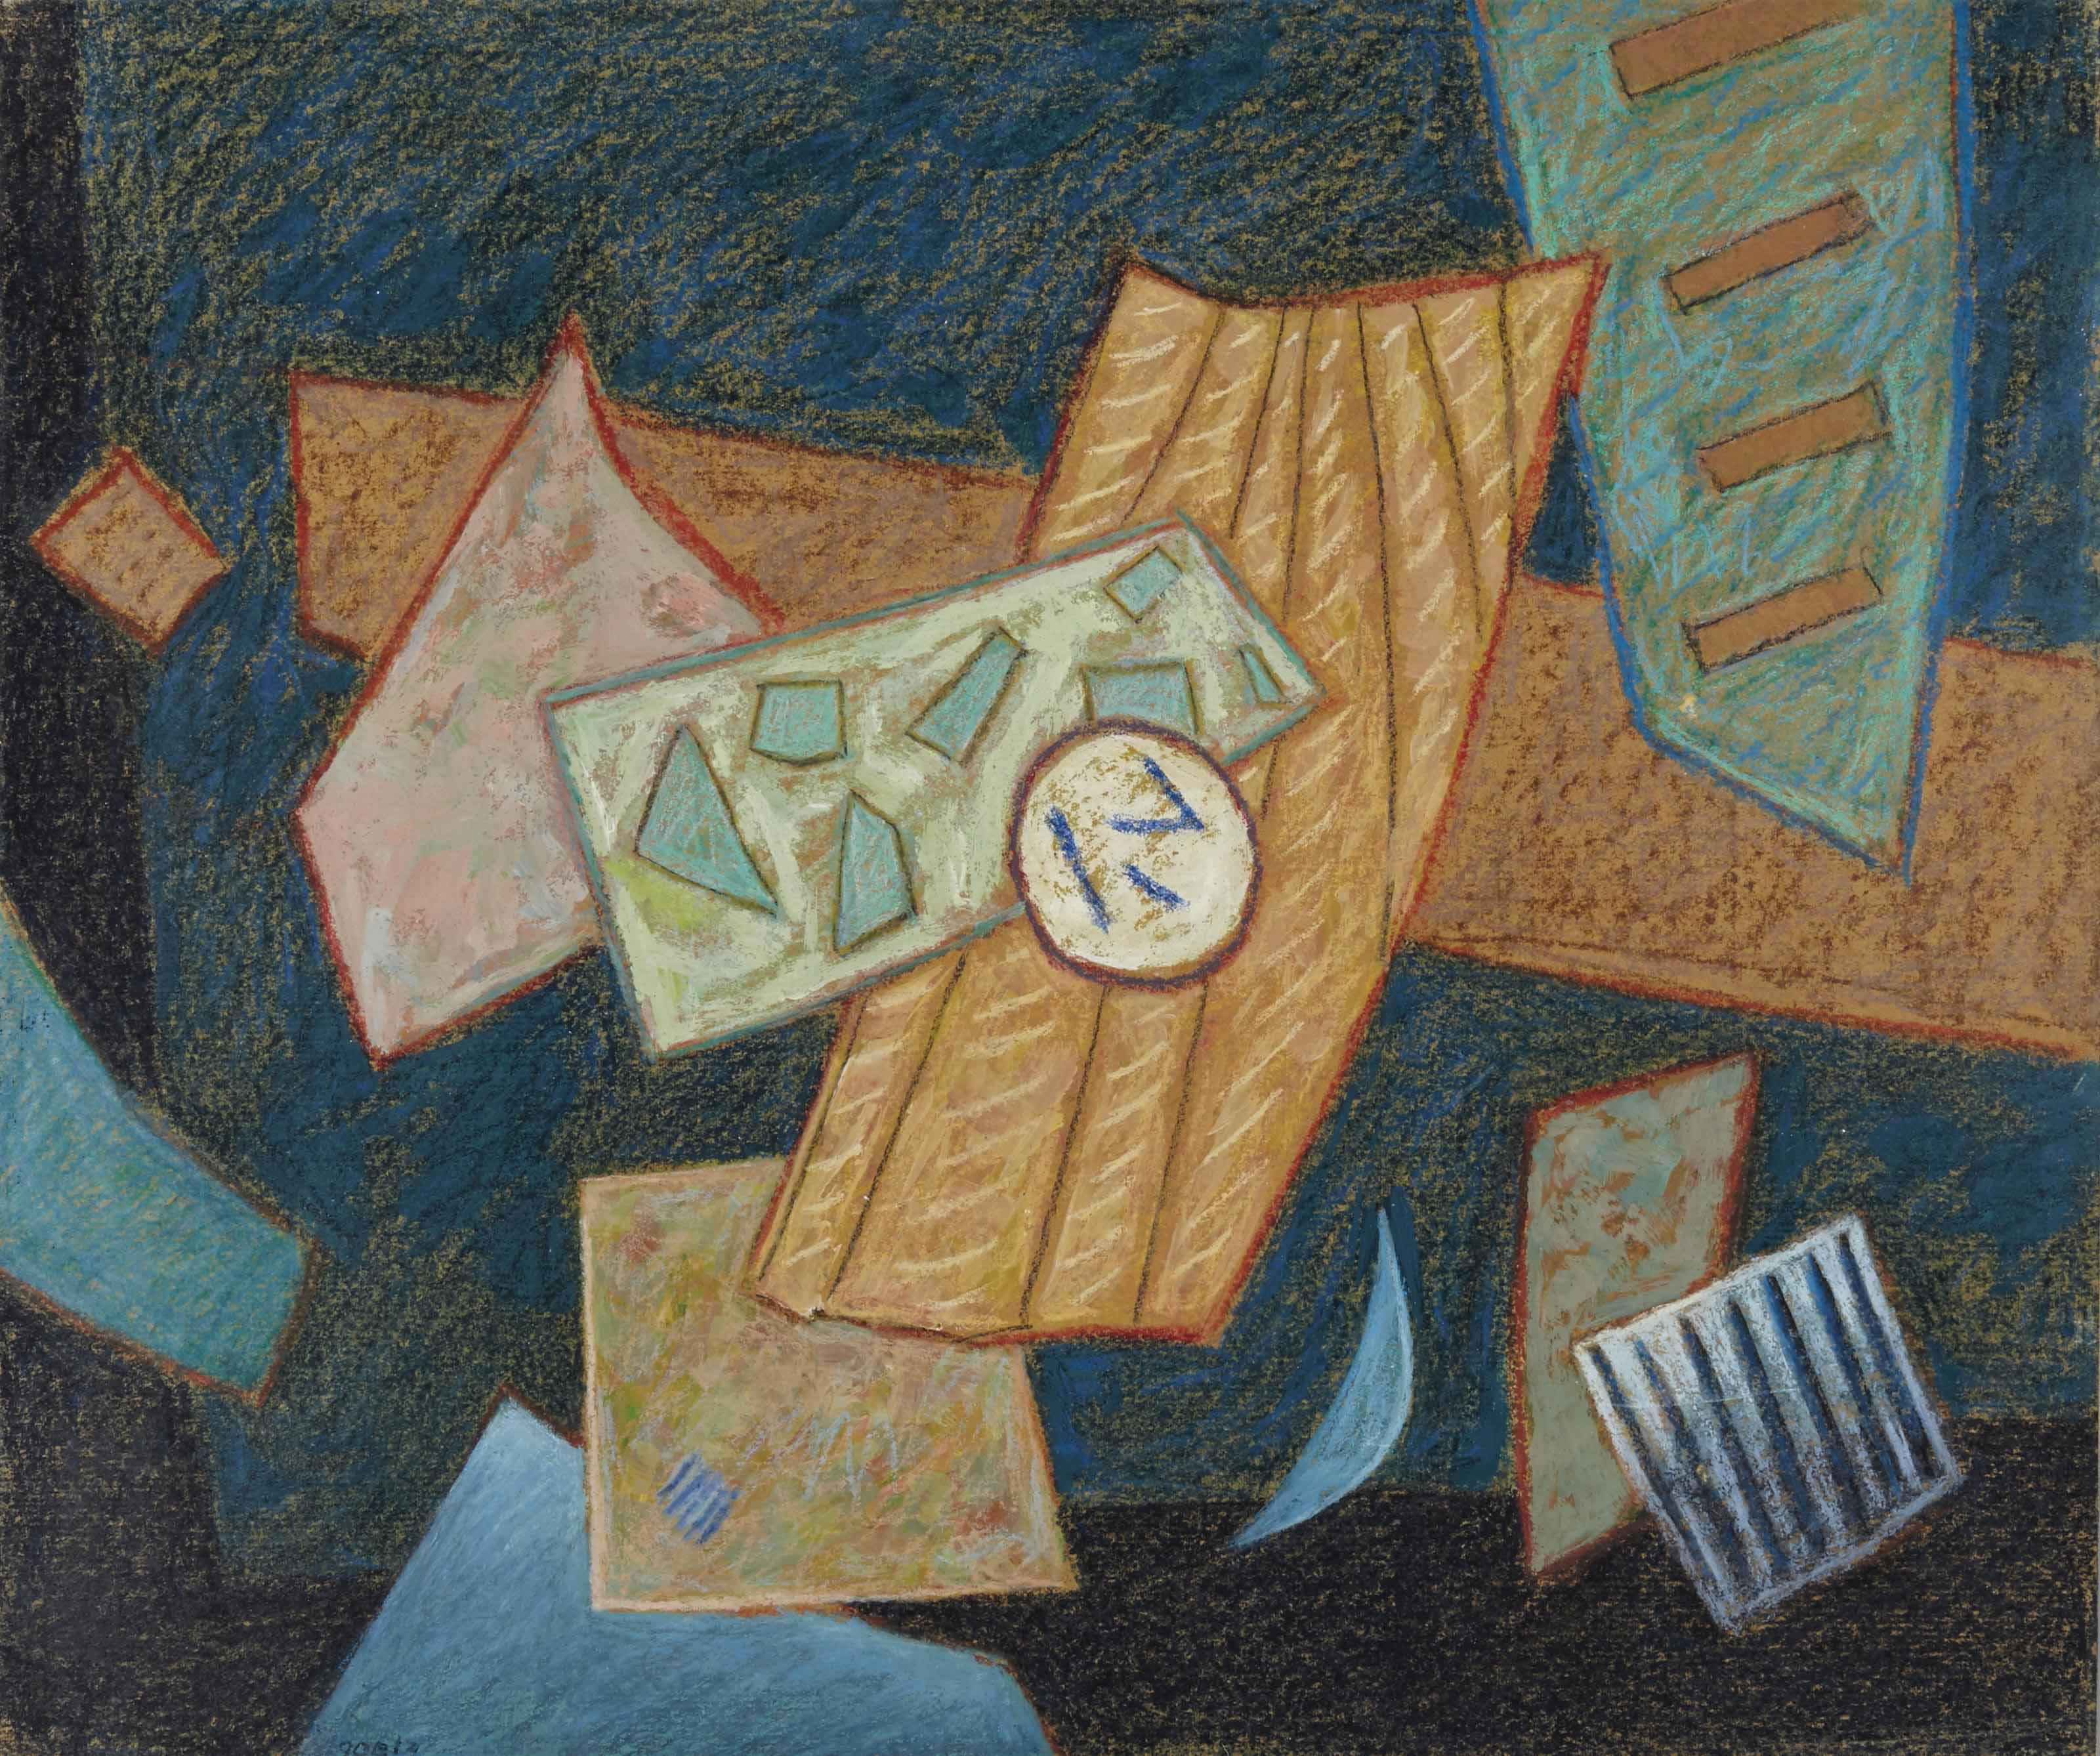 HENRI BERNARD GOETZ (1909-1989